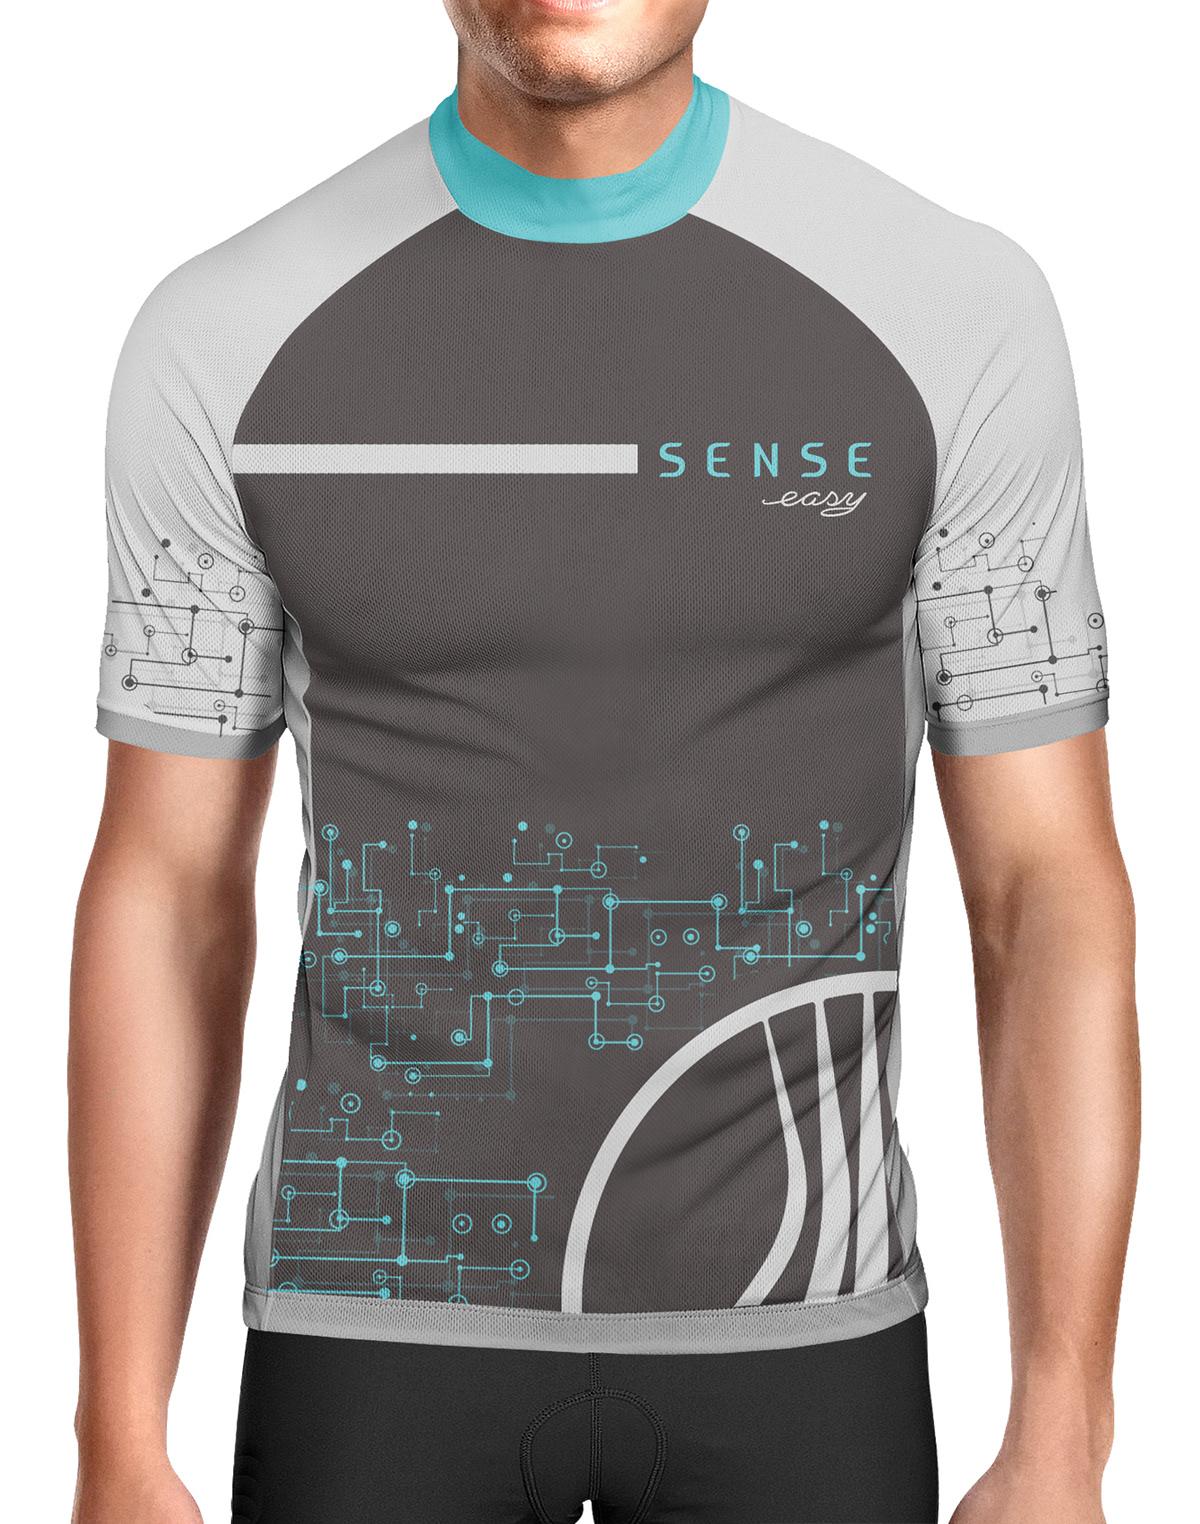 jersey bike Cycling clothing softy goods uniforme de ciclismo uniforme de MTB Delfino Design Gabriel Delfino jersey uniform cycling wear